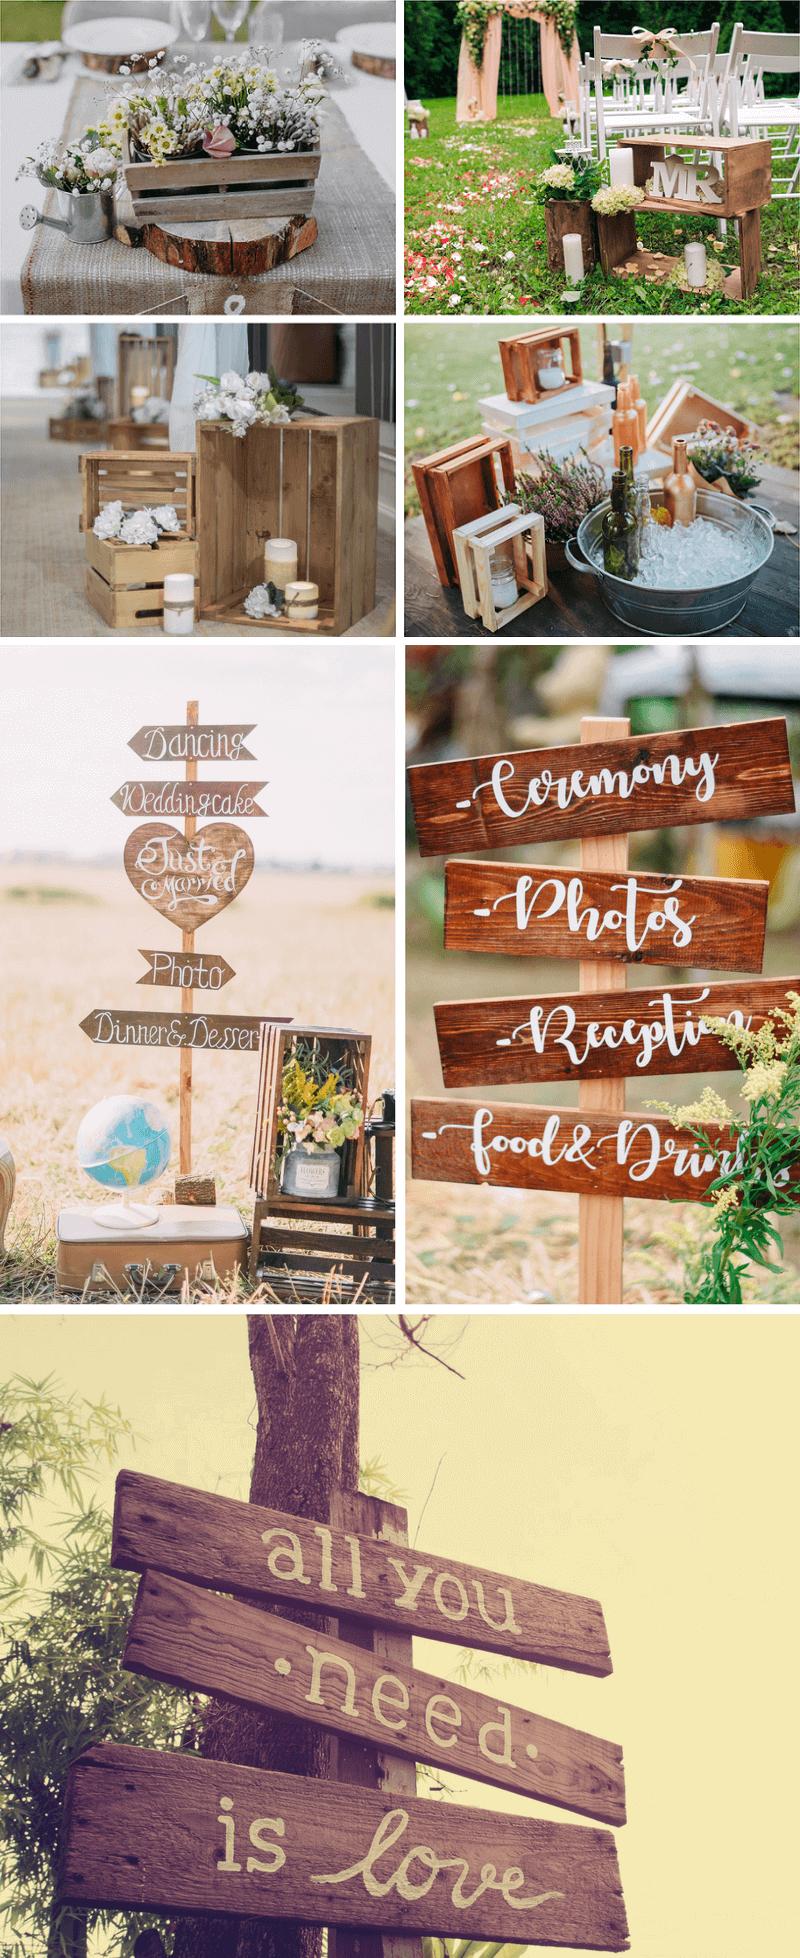 35 Ideen Fur Eine Rustikale Hochzeitsdeko Aus Holz Products I Love